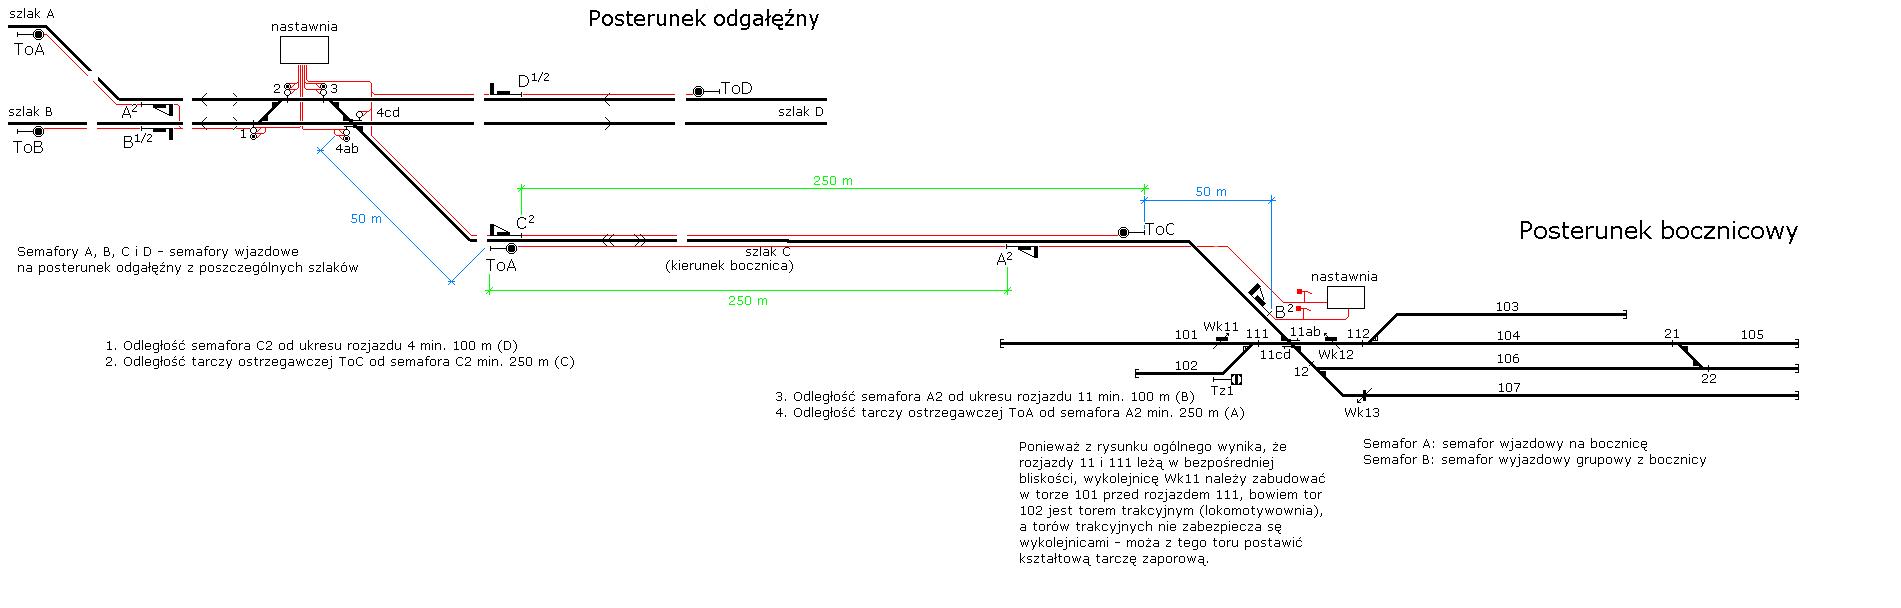 schemat całości 1 (2).PNG